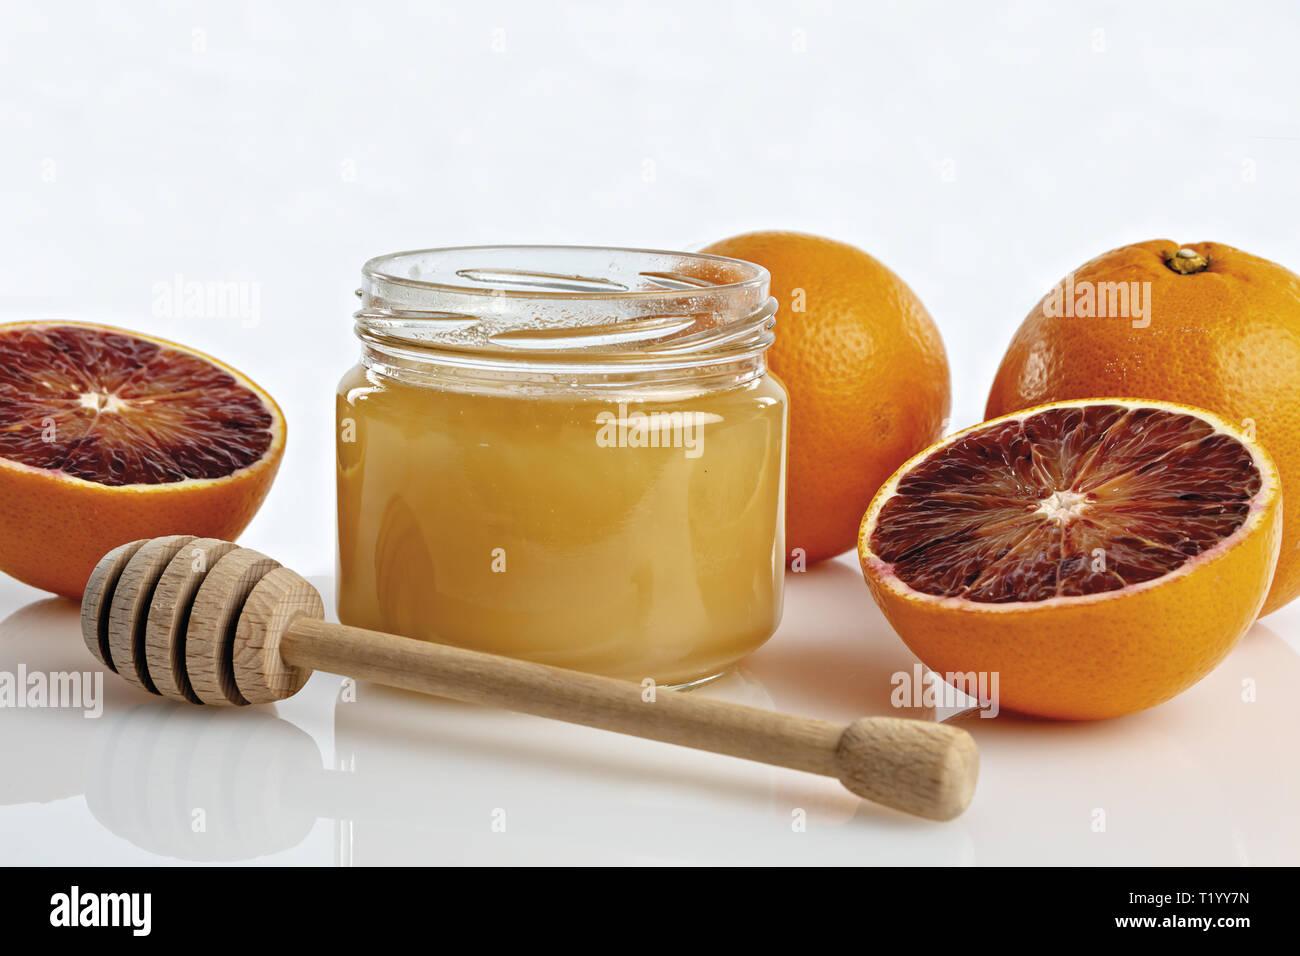 Miele all'arancio in vaso con arance tagliate. primo piano con cucchiaio Immagini Stock